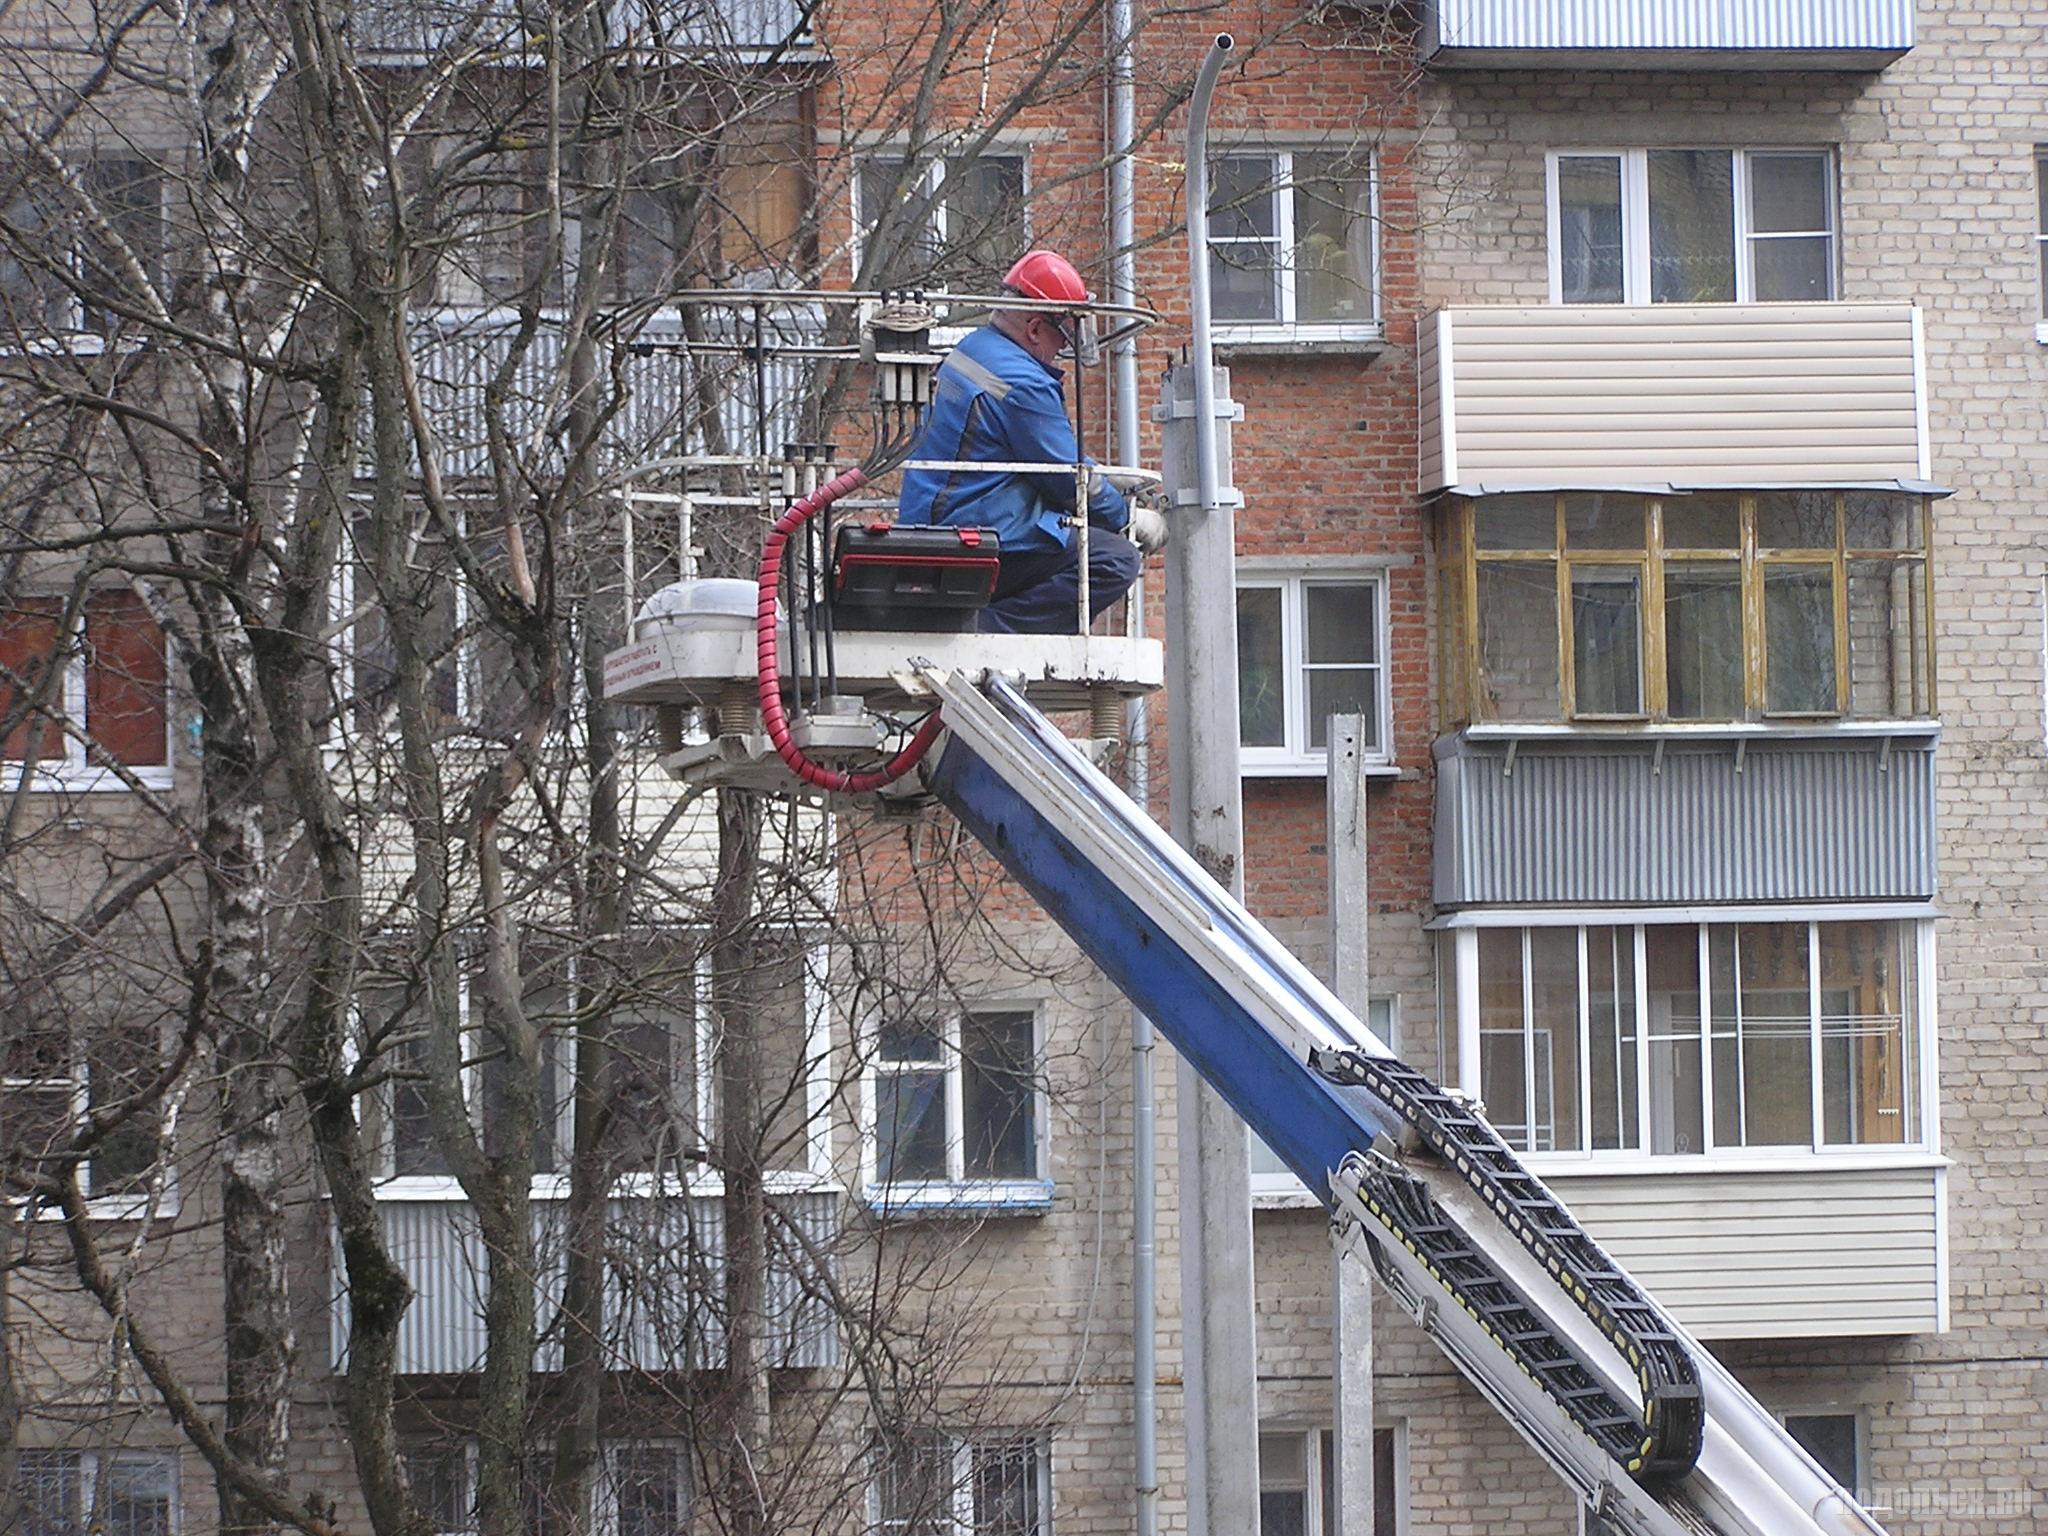 Монтаж светильника на фонаре. 26.04.17. Климовск.